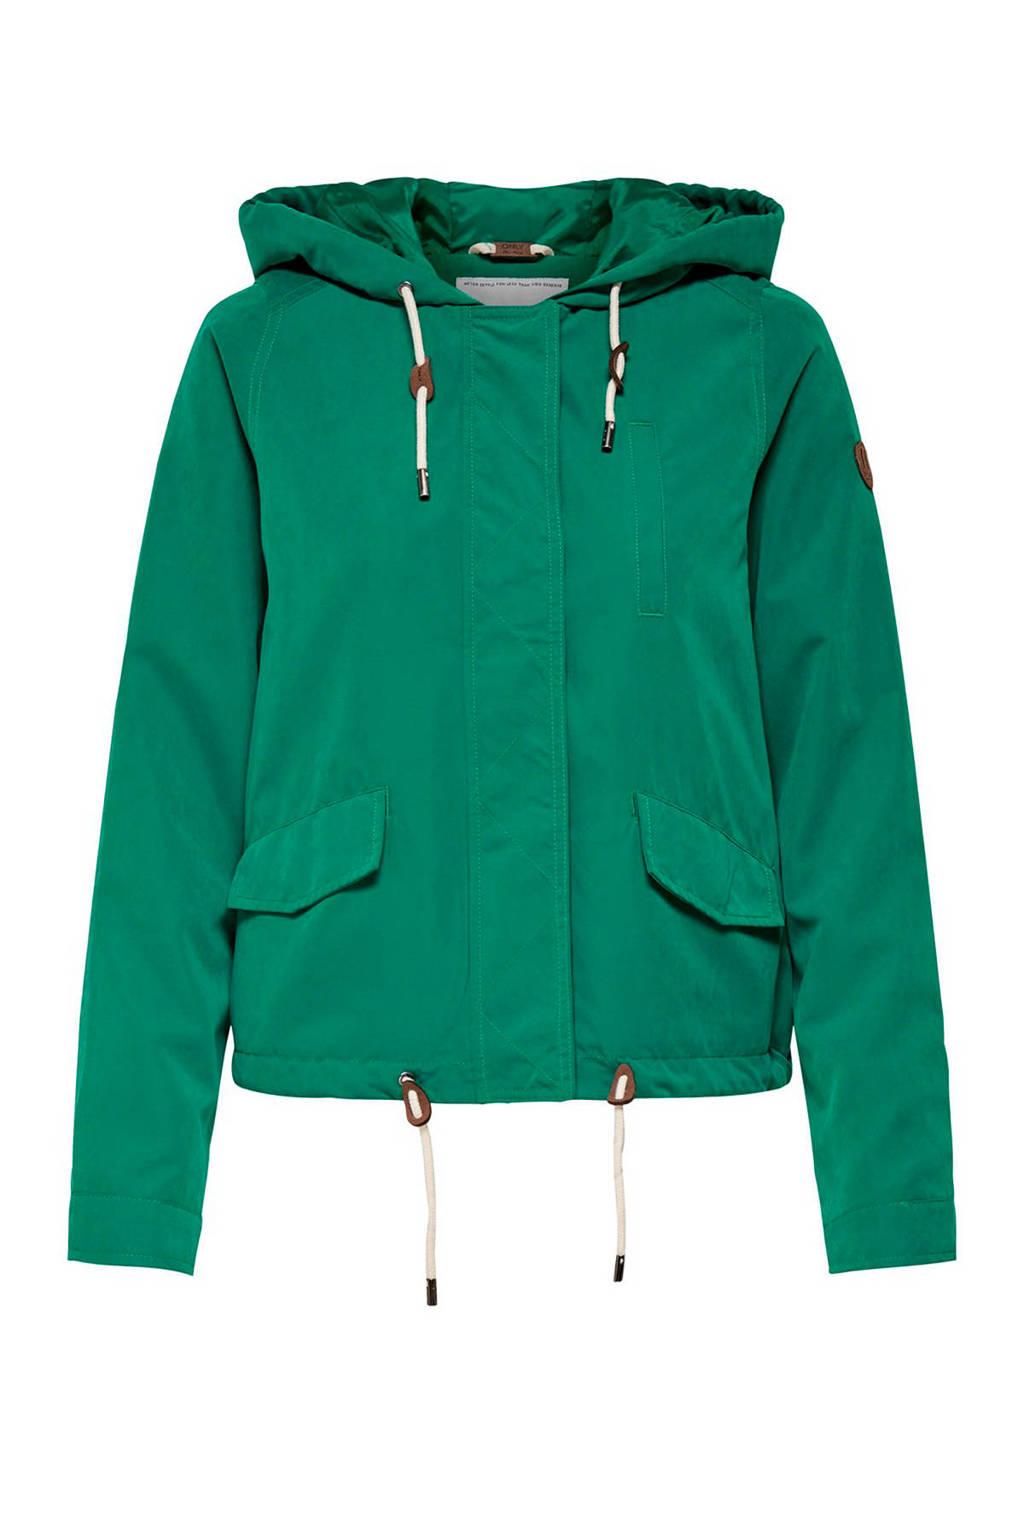 ONLY jas met capuchon groen, Groen